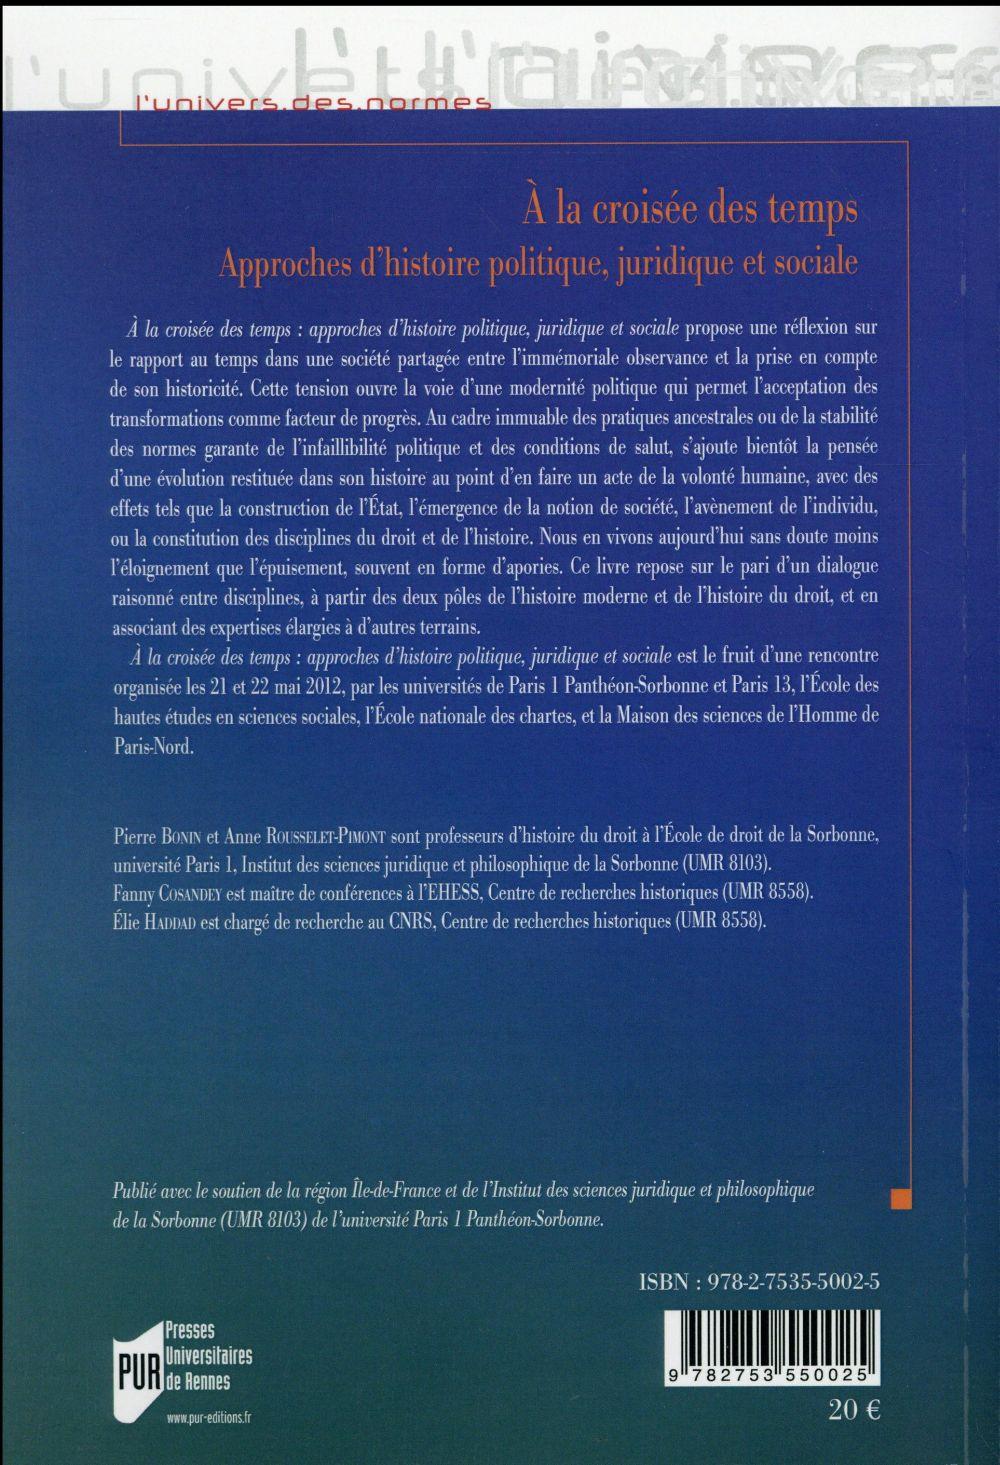 à la croisée des temps ; approches d'histoire politique, juridique et sociale